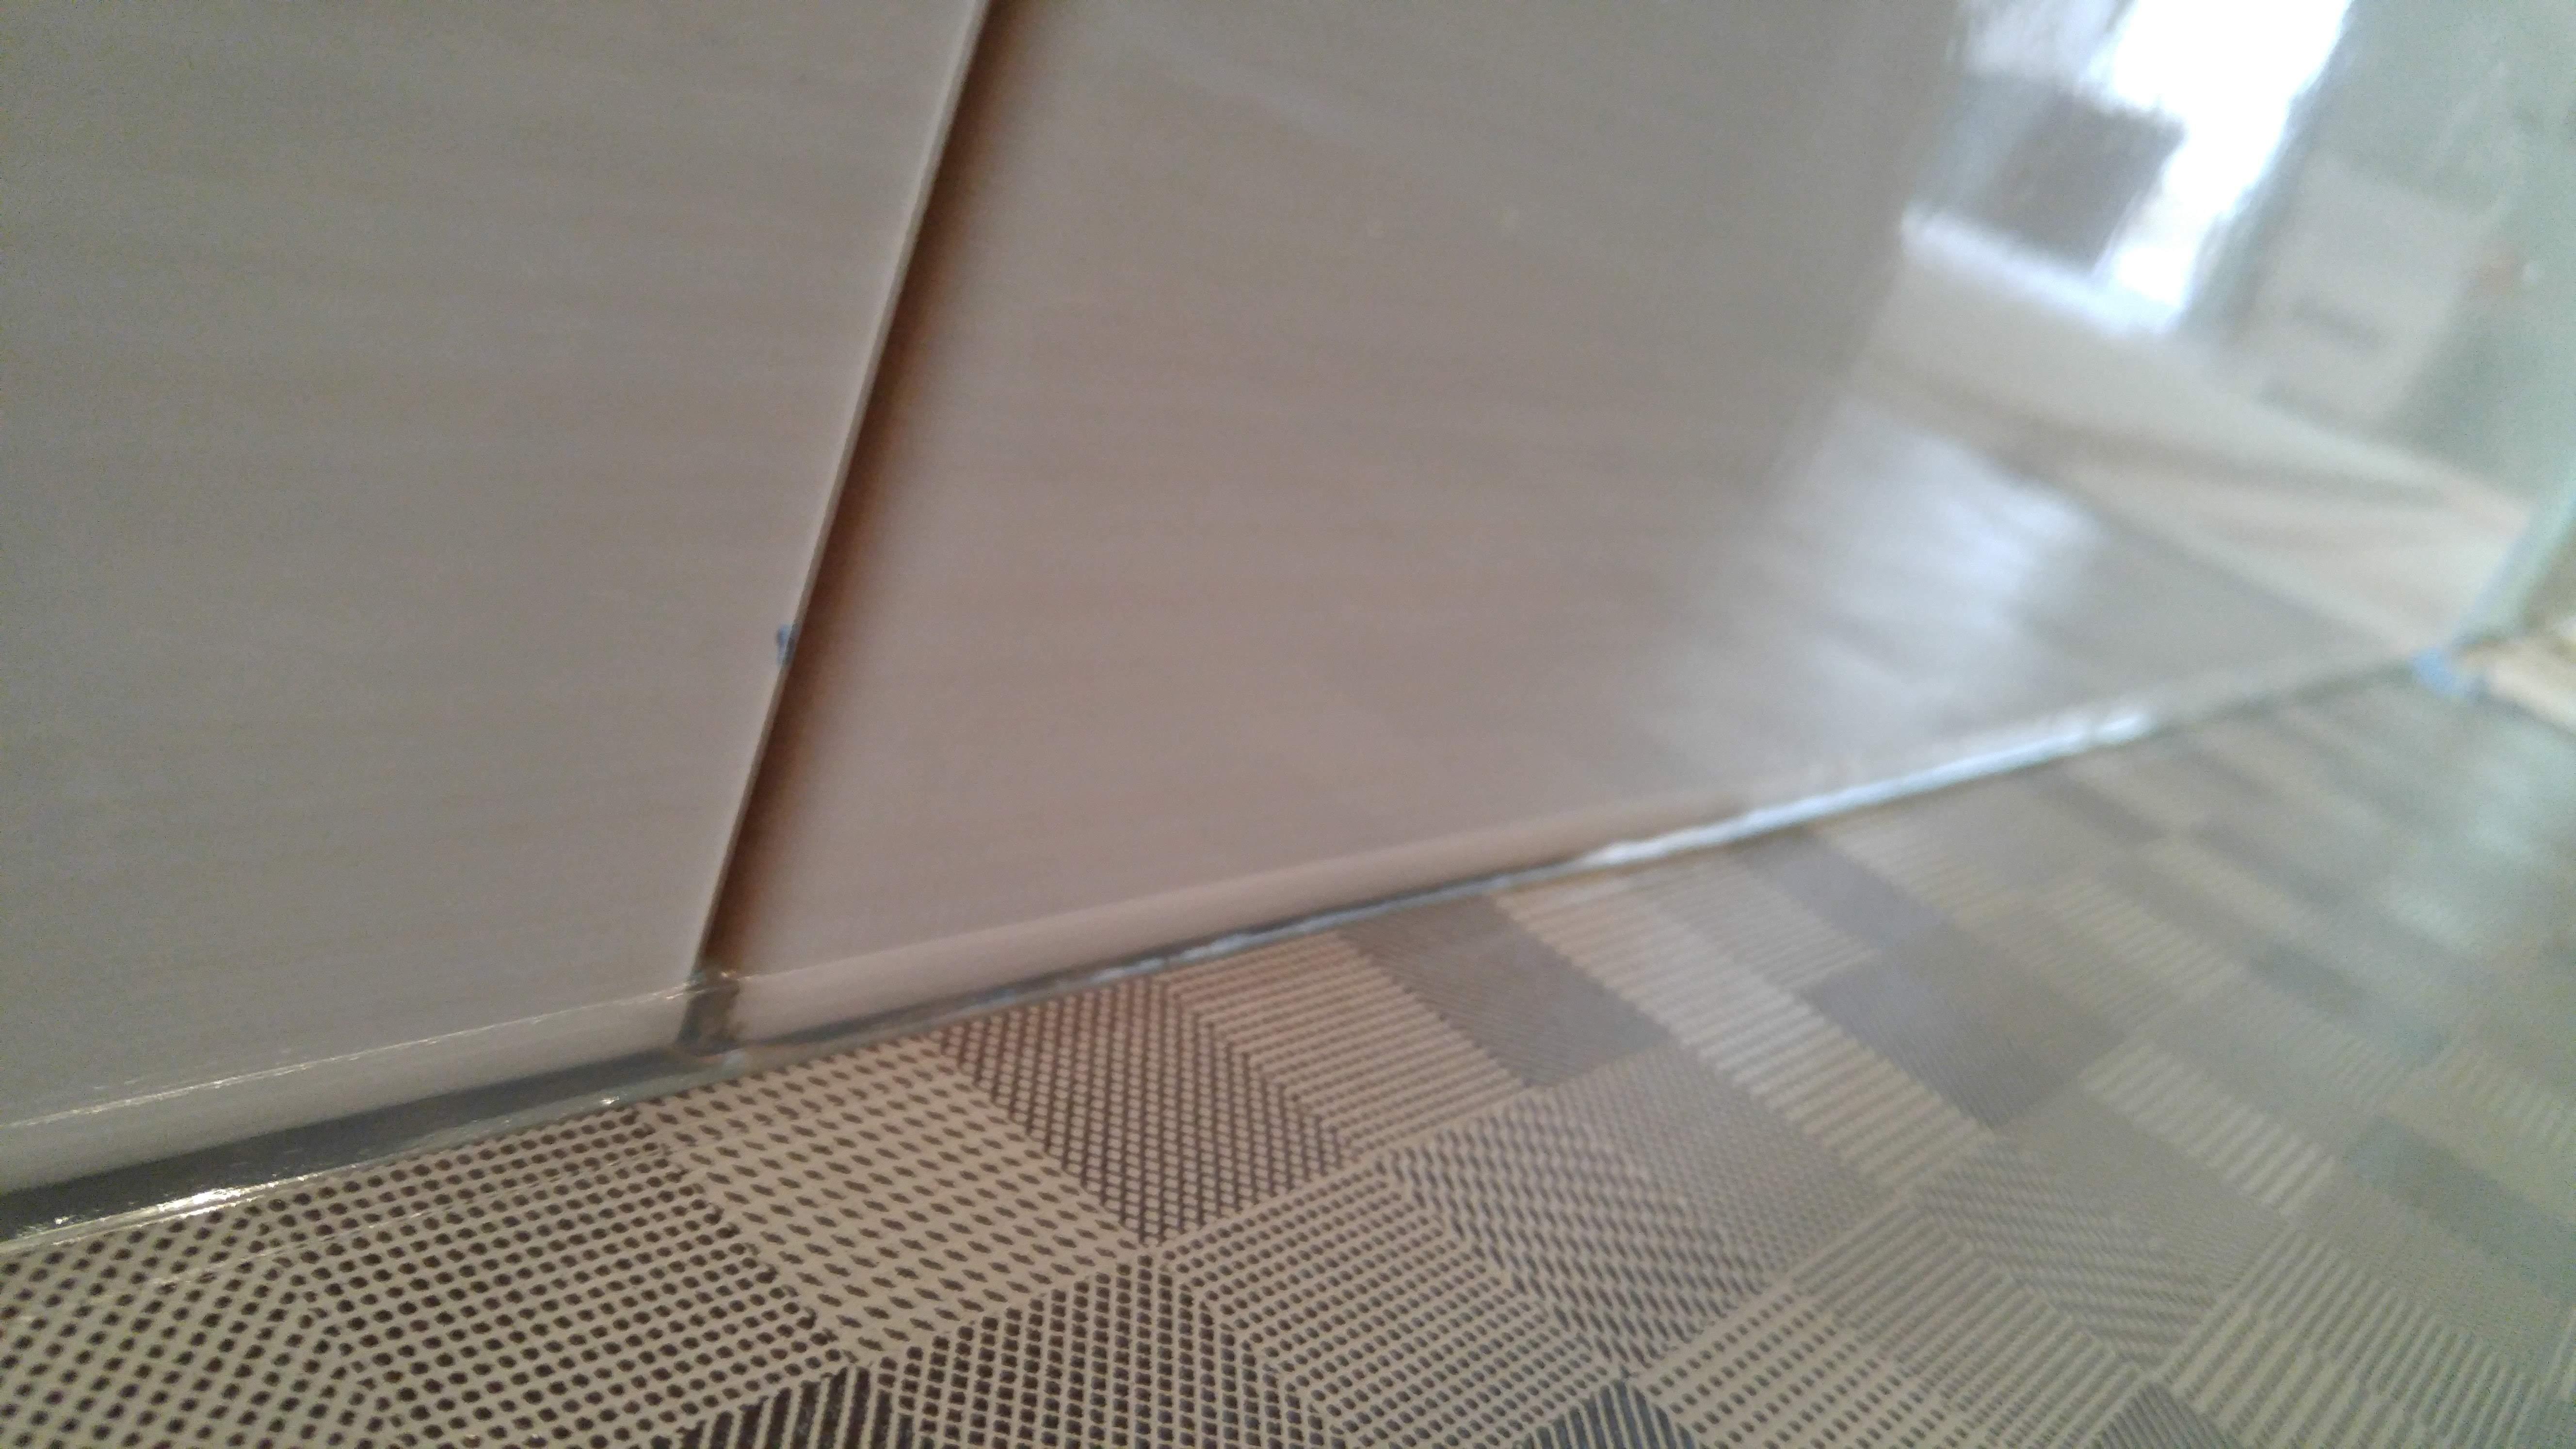 силиконим под ванной швы плитки